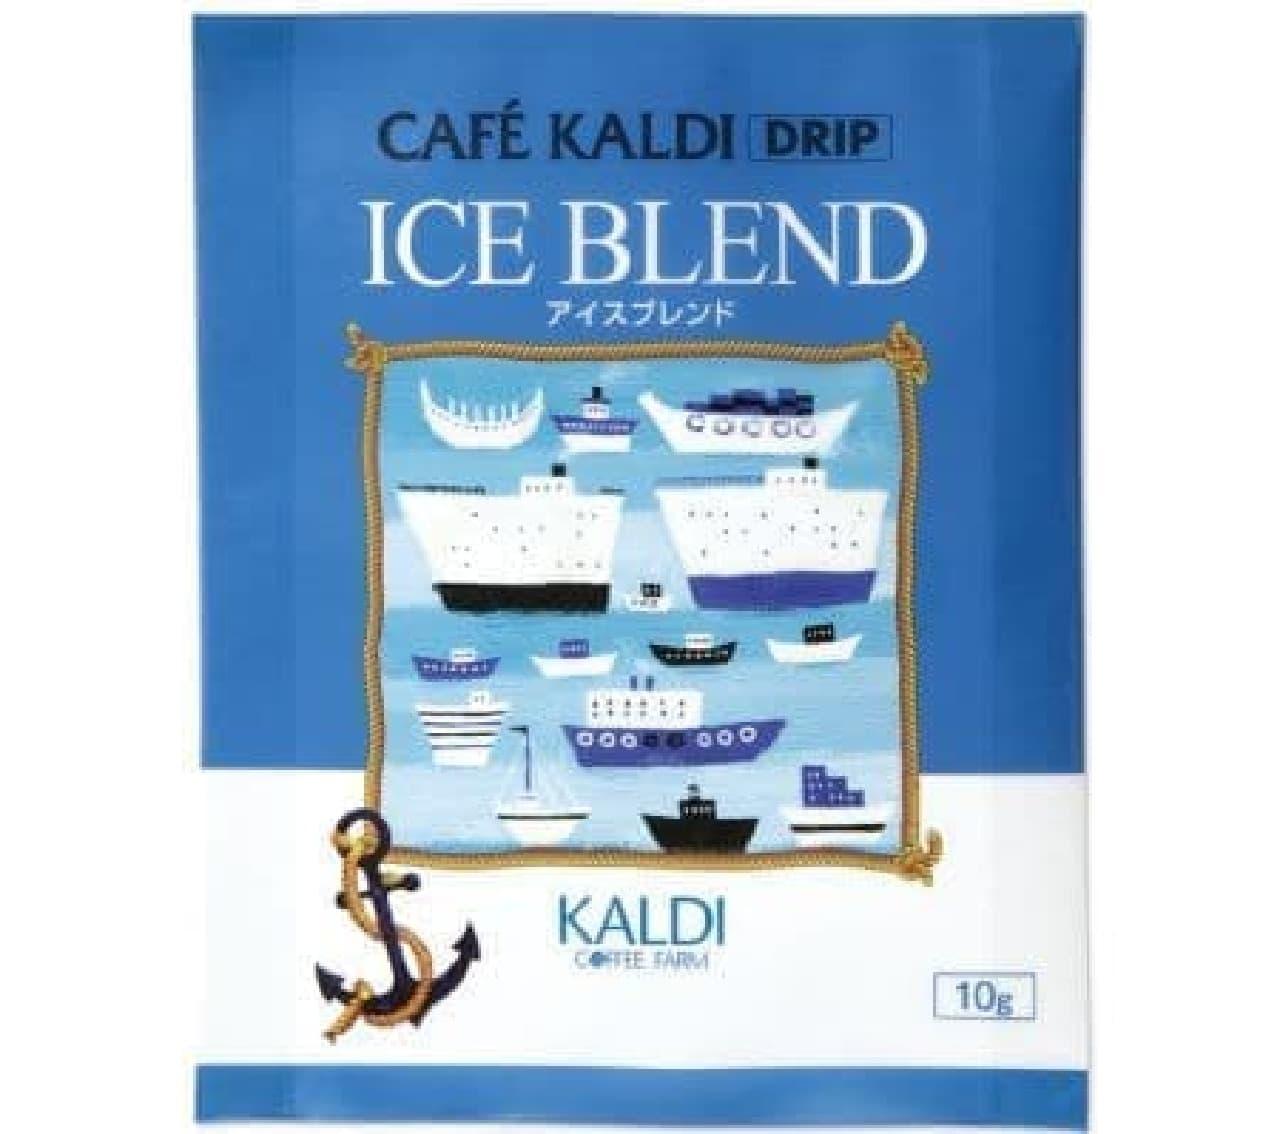 「グラスマグ&ドリップコーヒーセット」は耐熱グラスマグと「ドリップコーヒー アイスブレンド(8袋)」が入ったセット